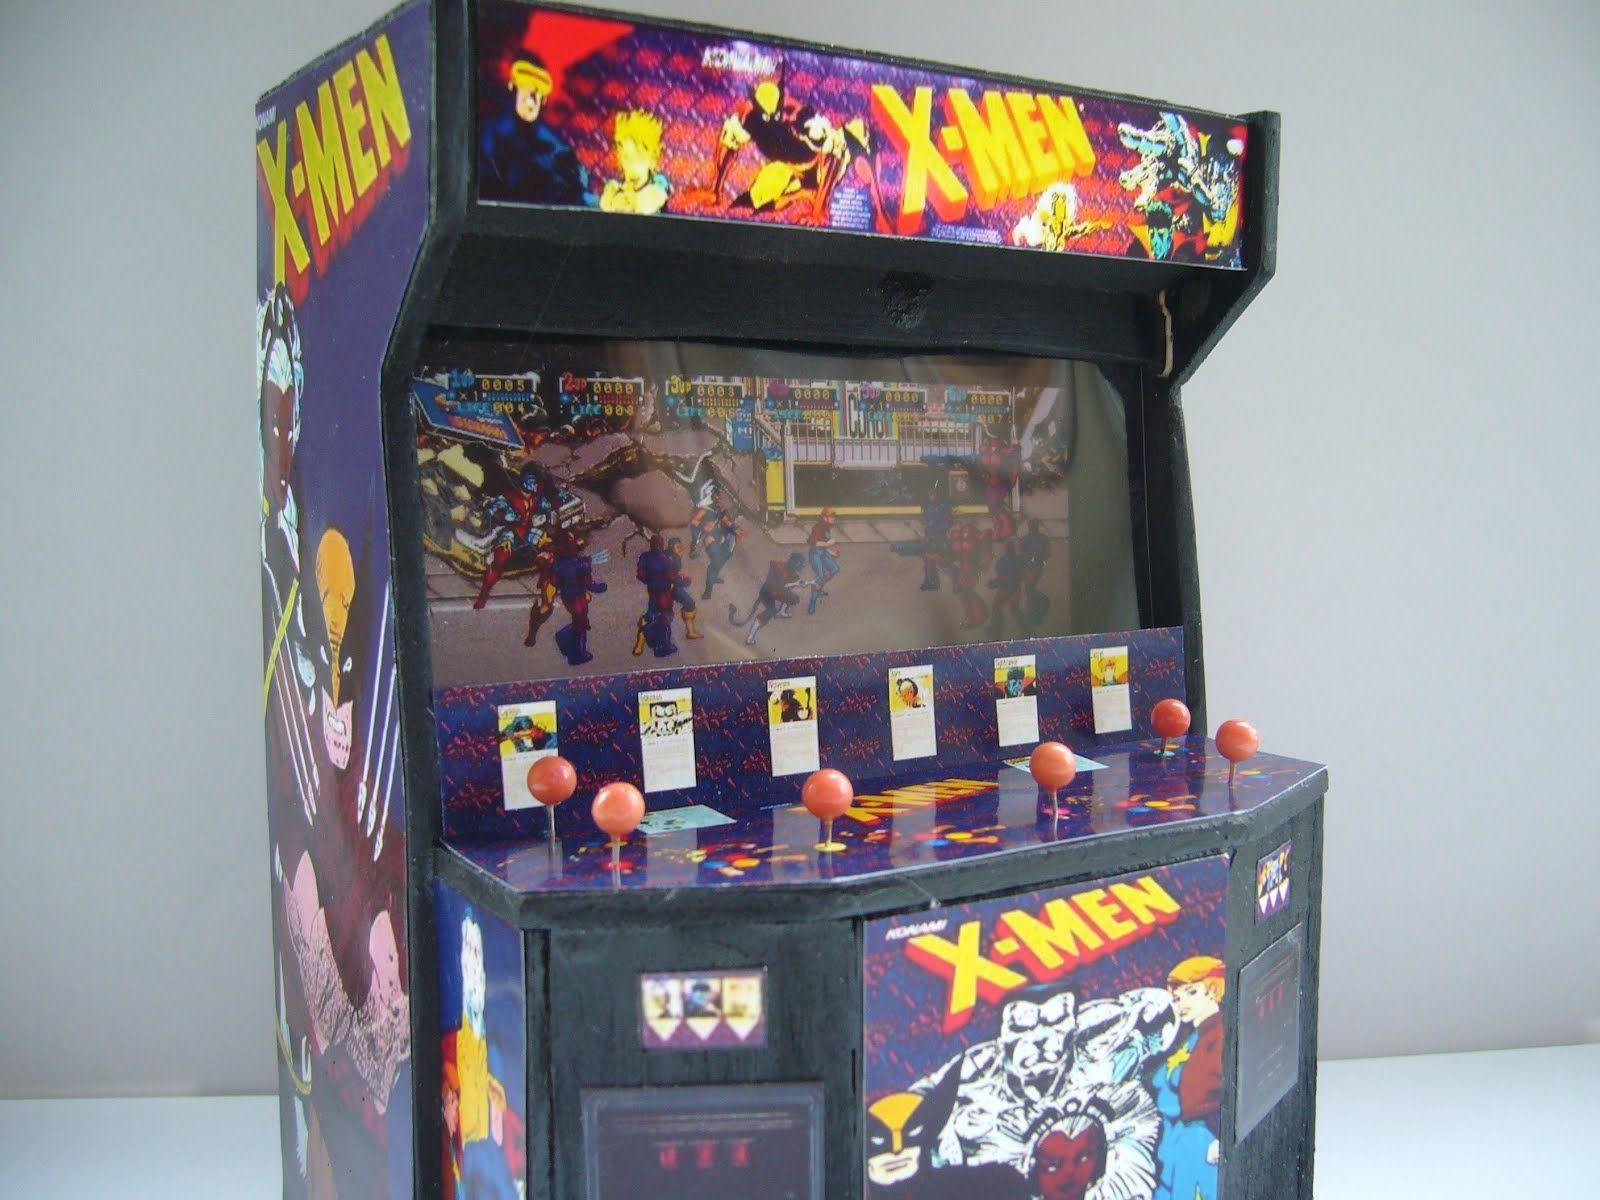 X Men Arcade Cabinet Arcade Games Arcade Arcade Video Games